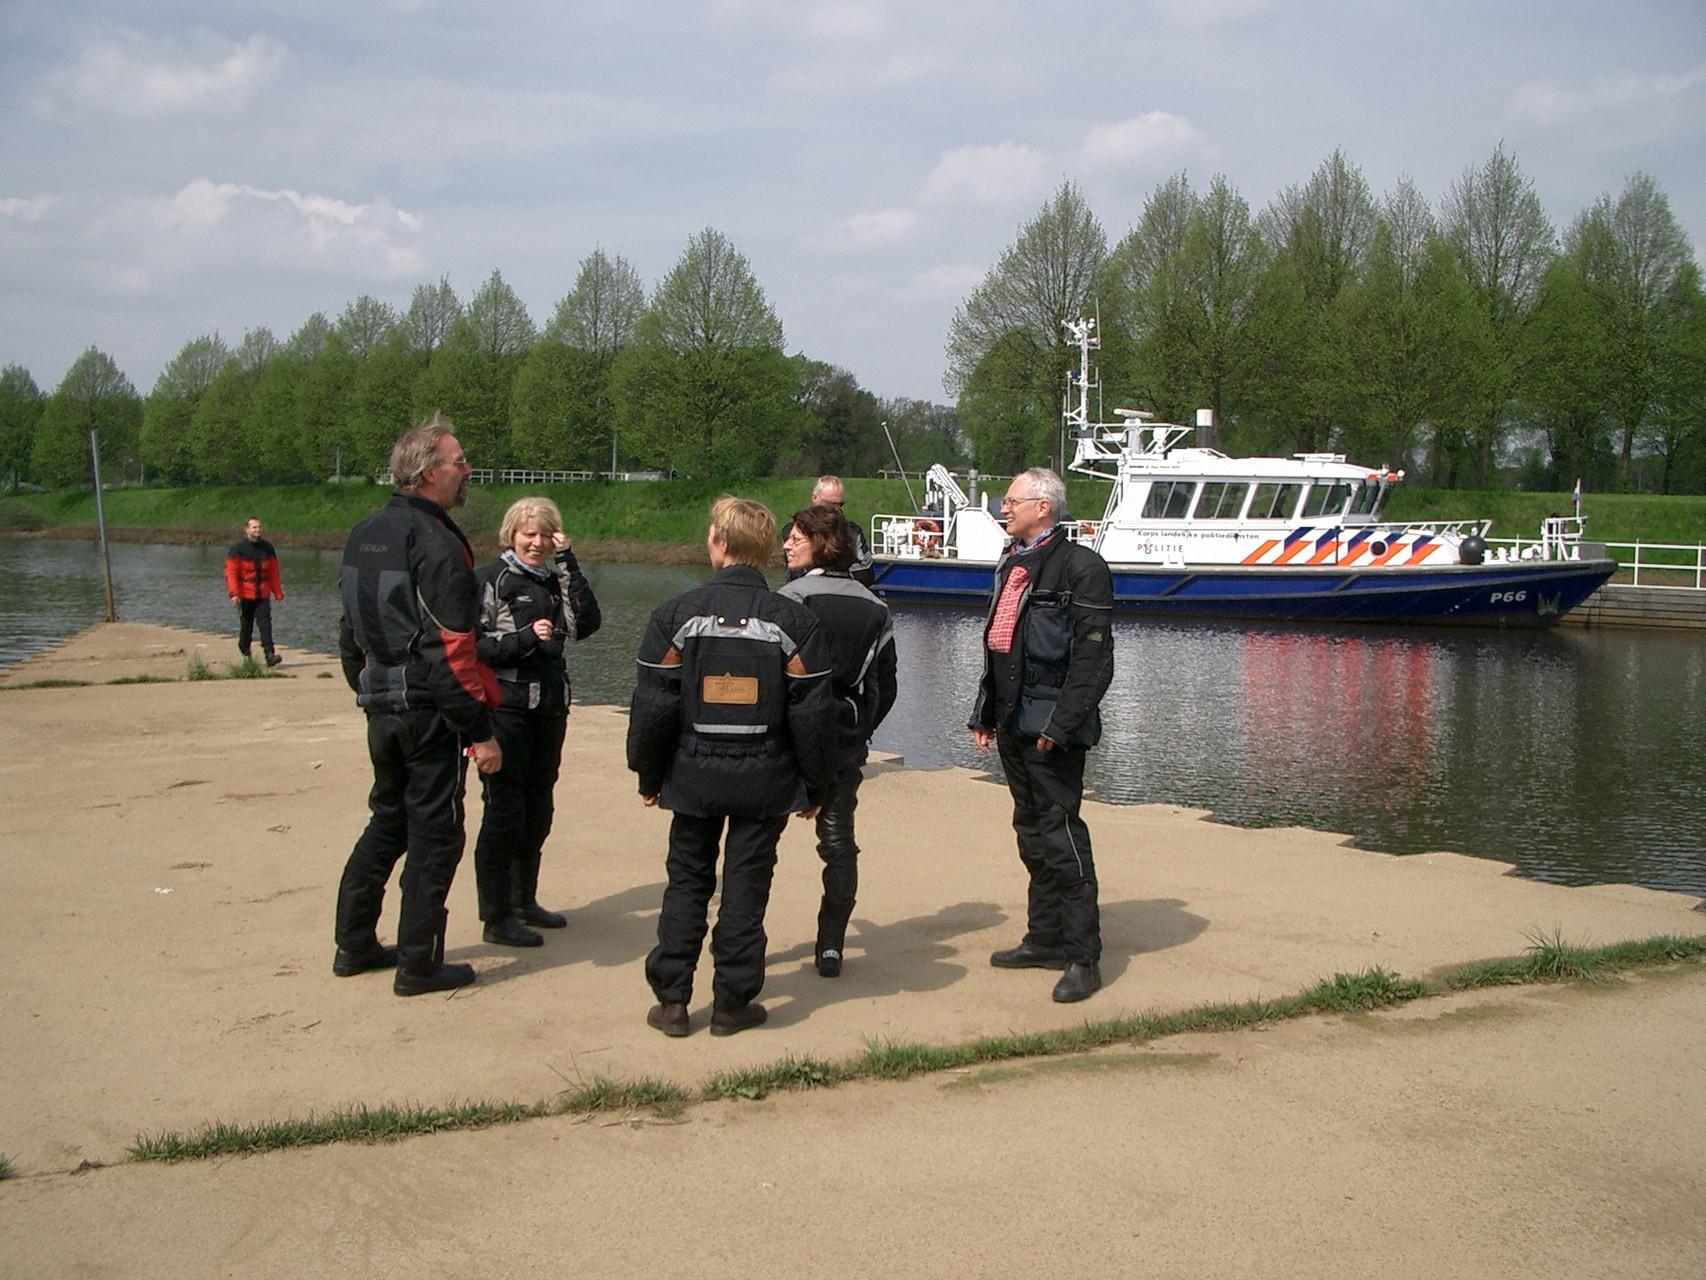 ZIEL: Zupthen - Mündung in Twenthekanaal zur Ijssel